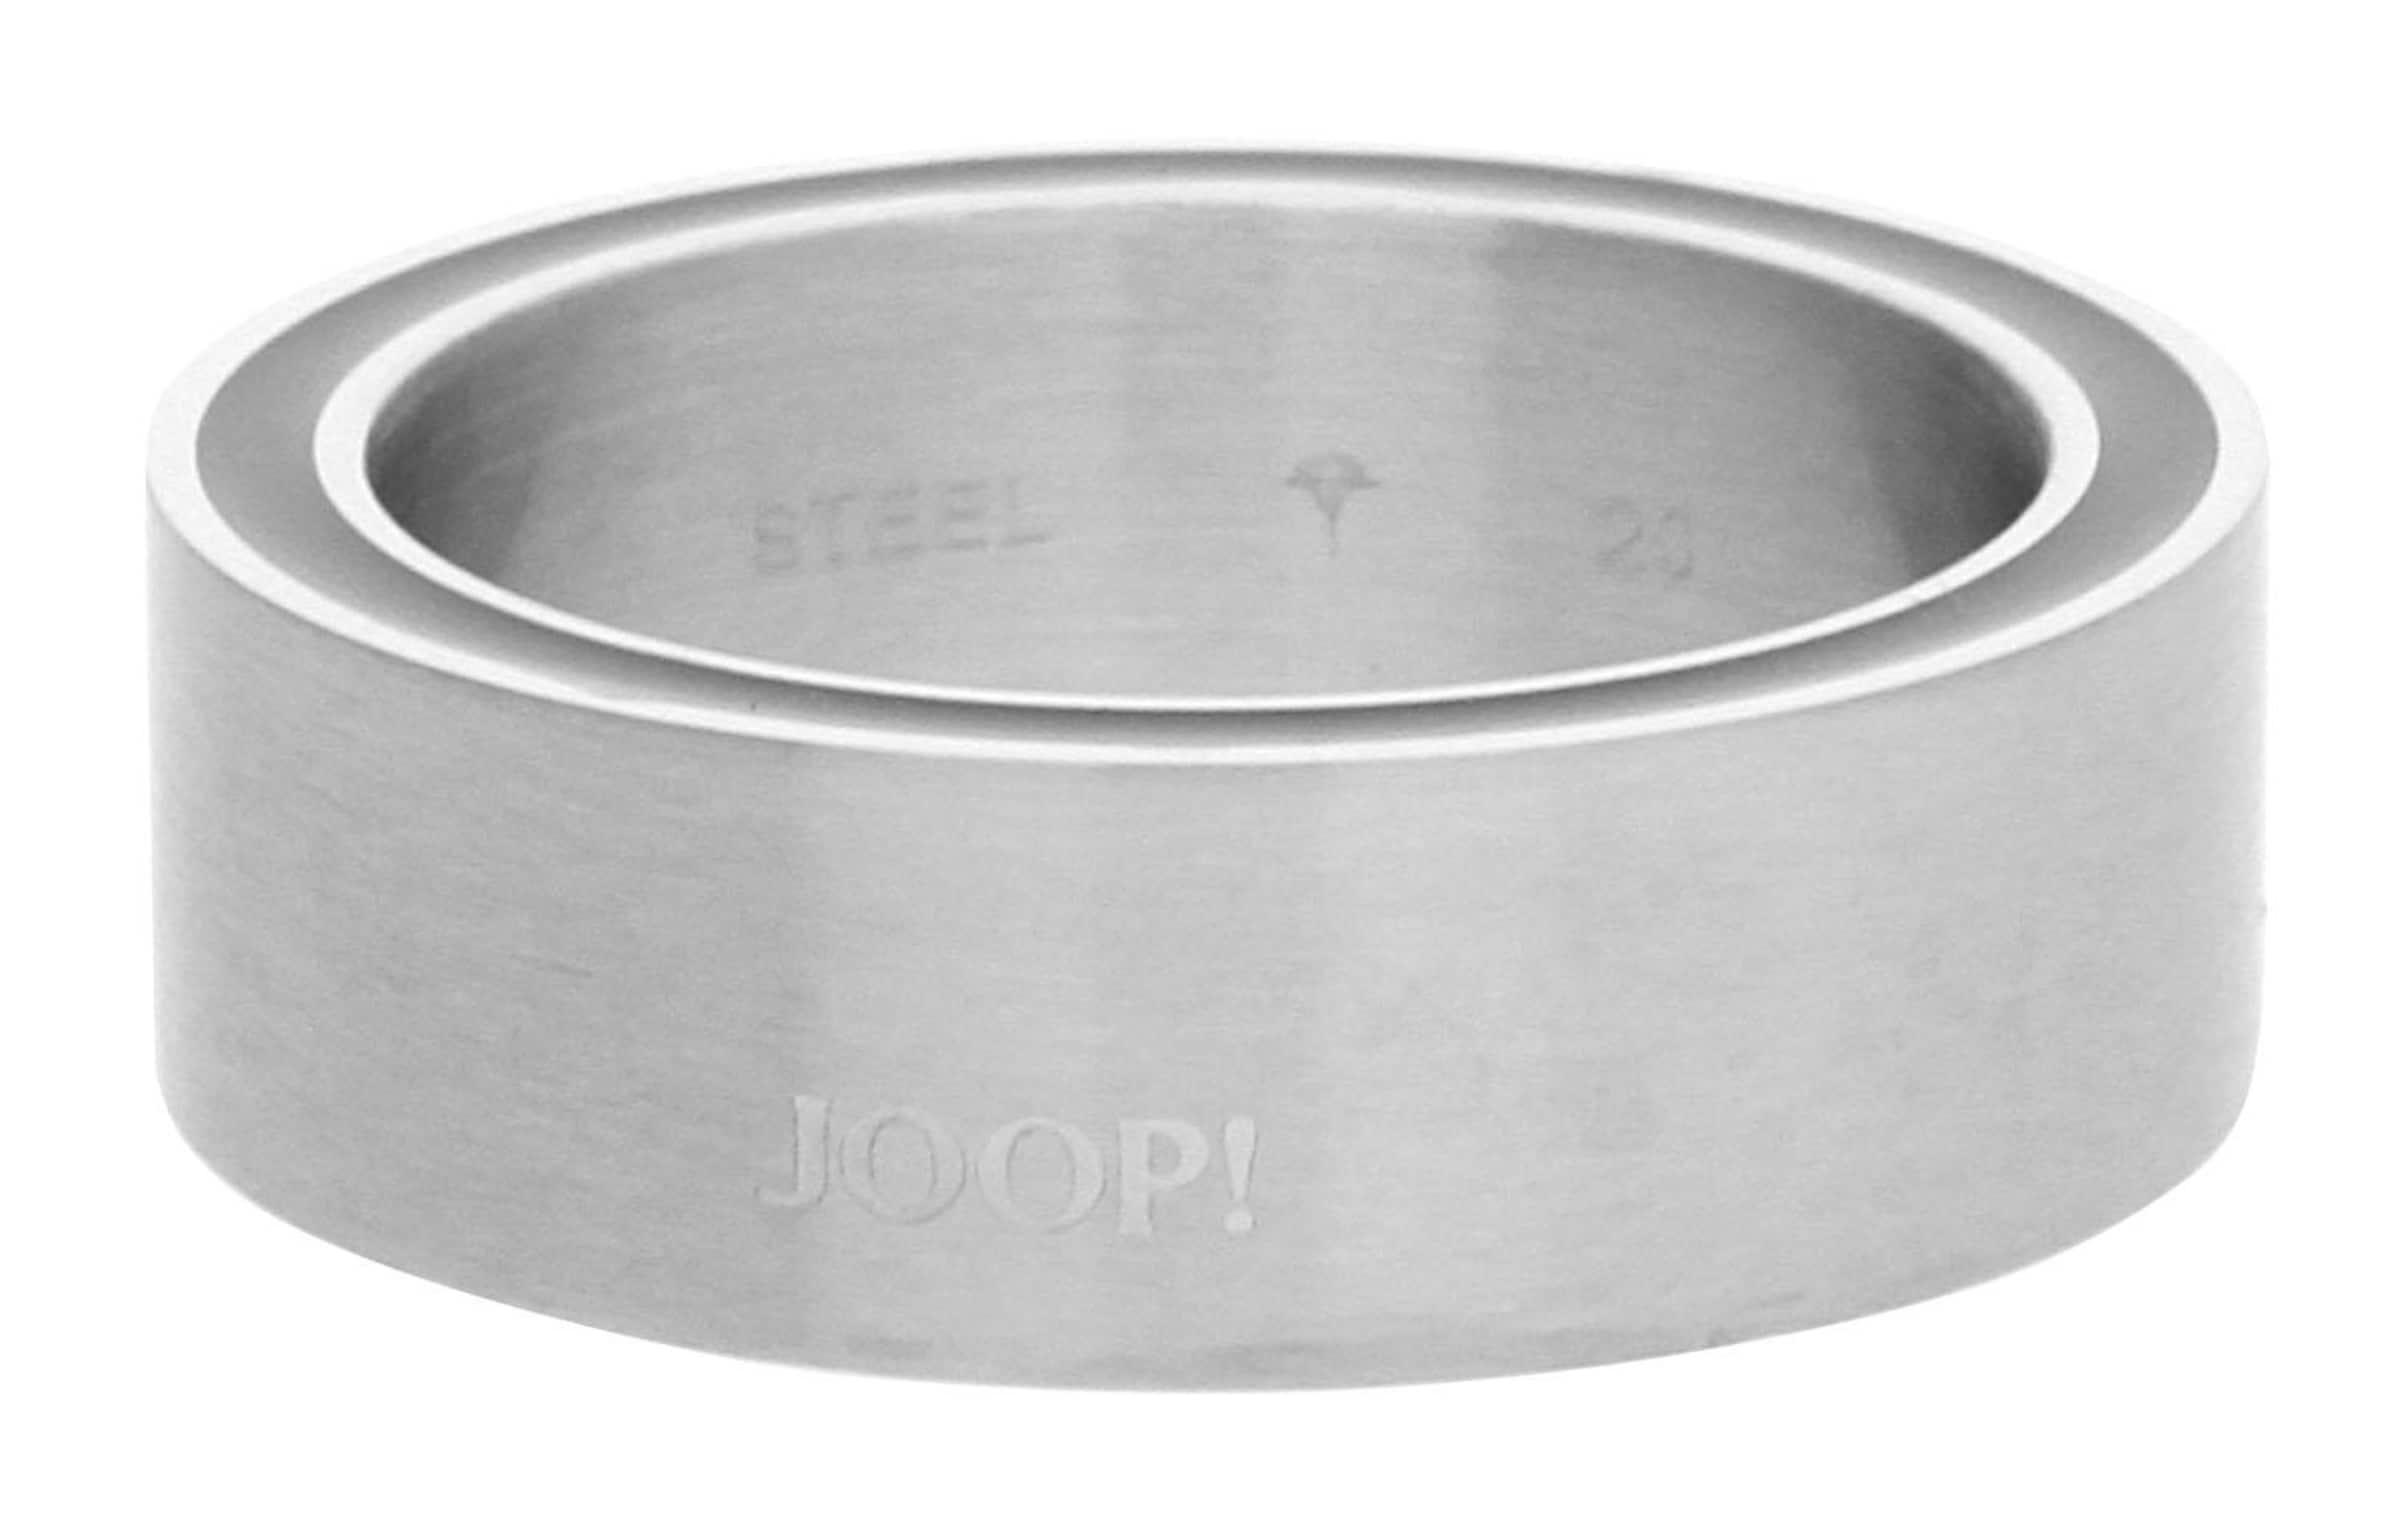 In Silber In Silber JoopFingerring JoopFingerring JoopFingerring nwO0kP